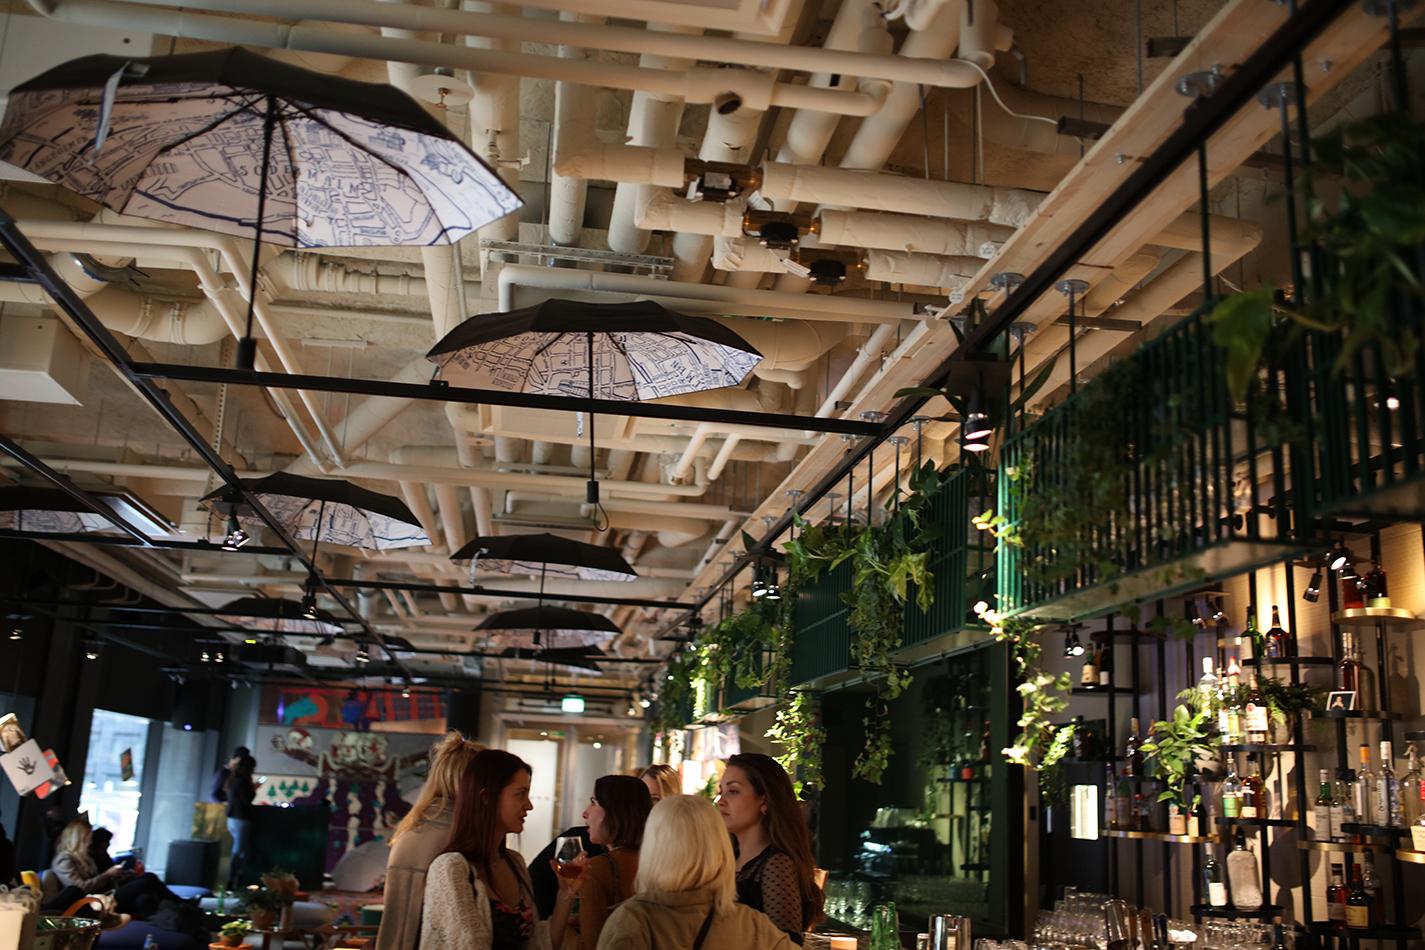 happysweeds x hobo hotel lansering av stockholm dopest. Black Bedroom Furniture Sets. Home Design Ideas